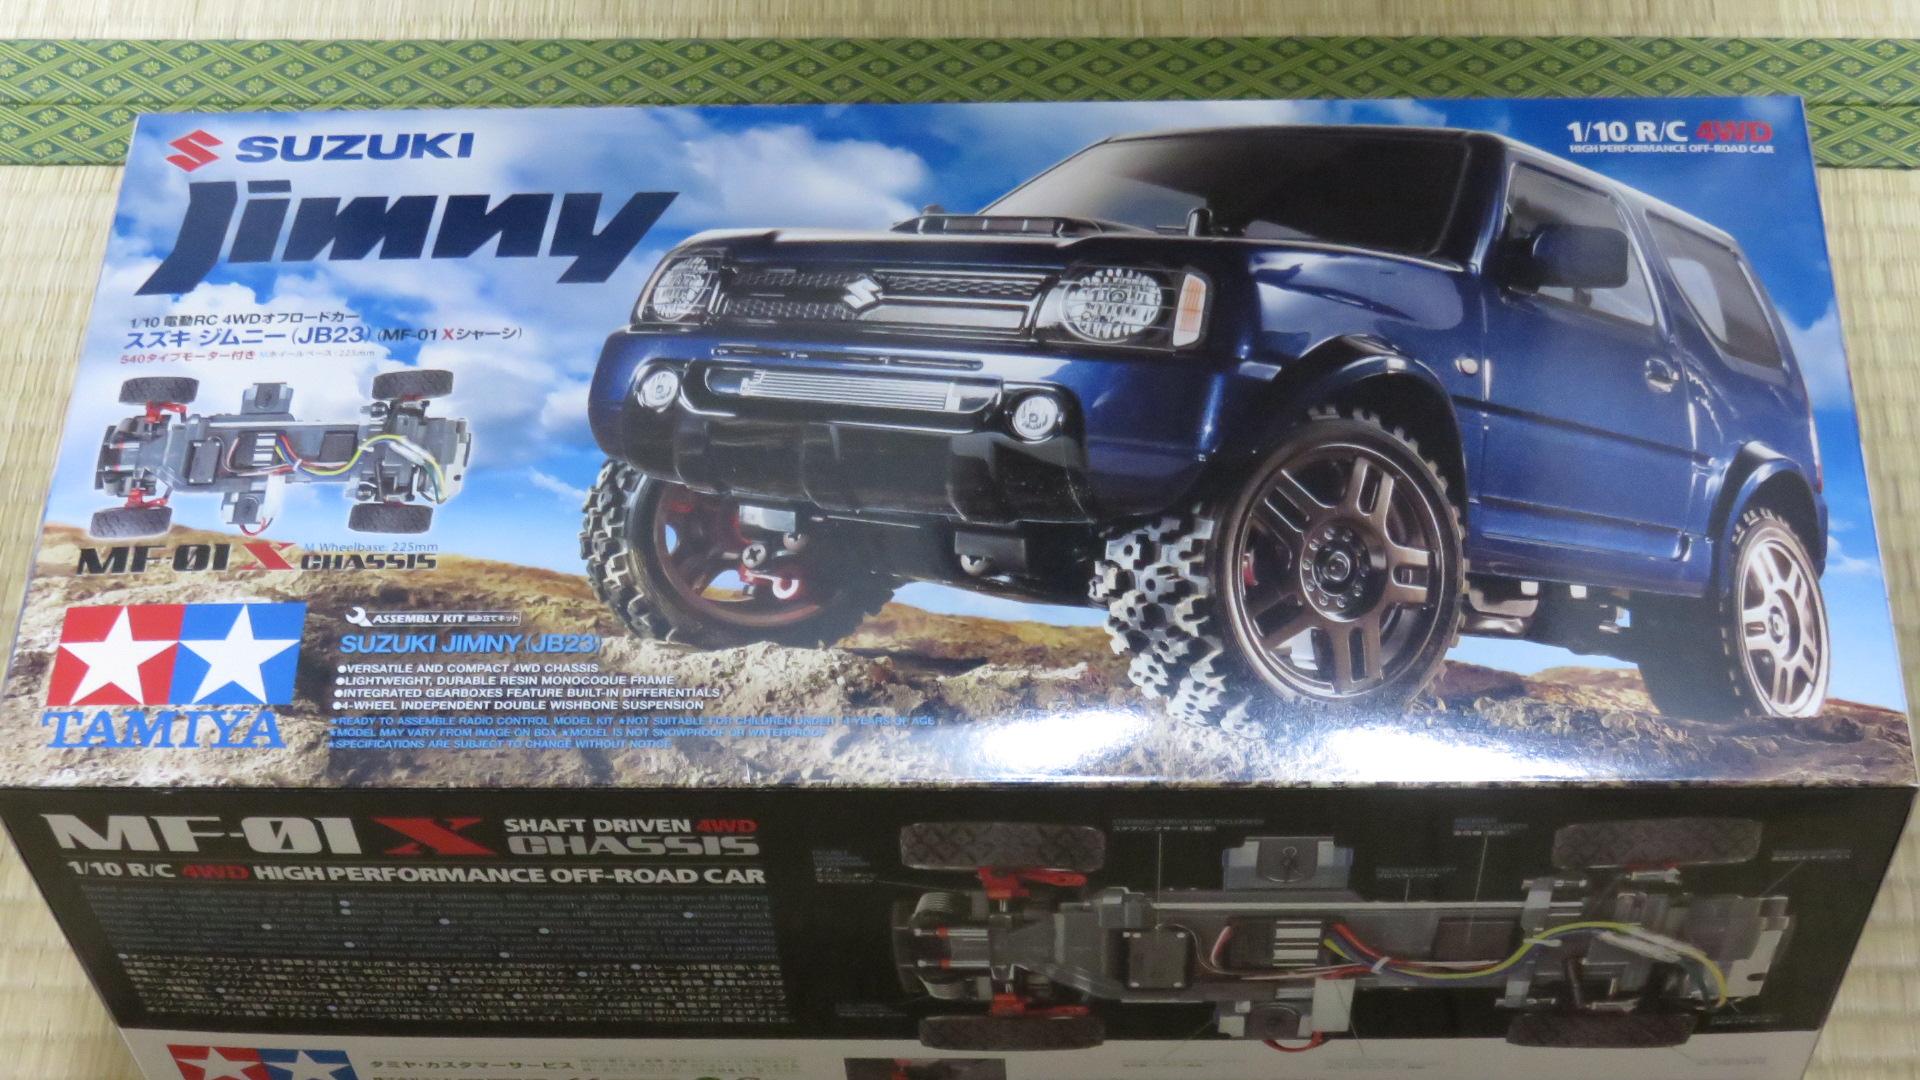 RC Suzuki Jimny JB23 - MF-01X 20150626_222848